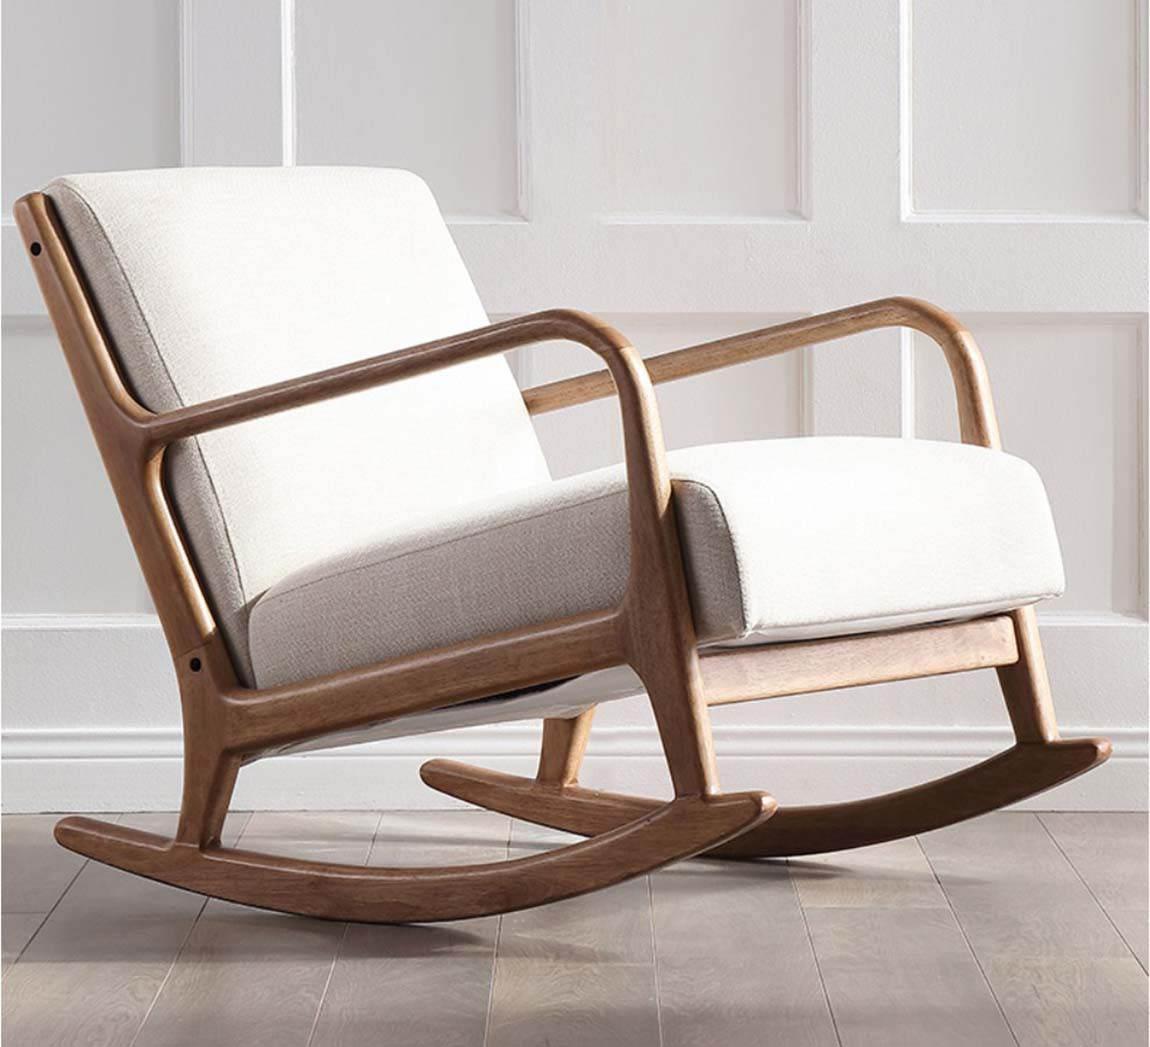 ghế bập bênh cho bé bằng gỗ